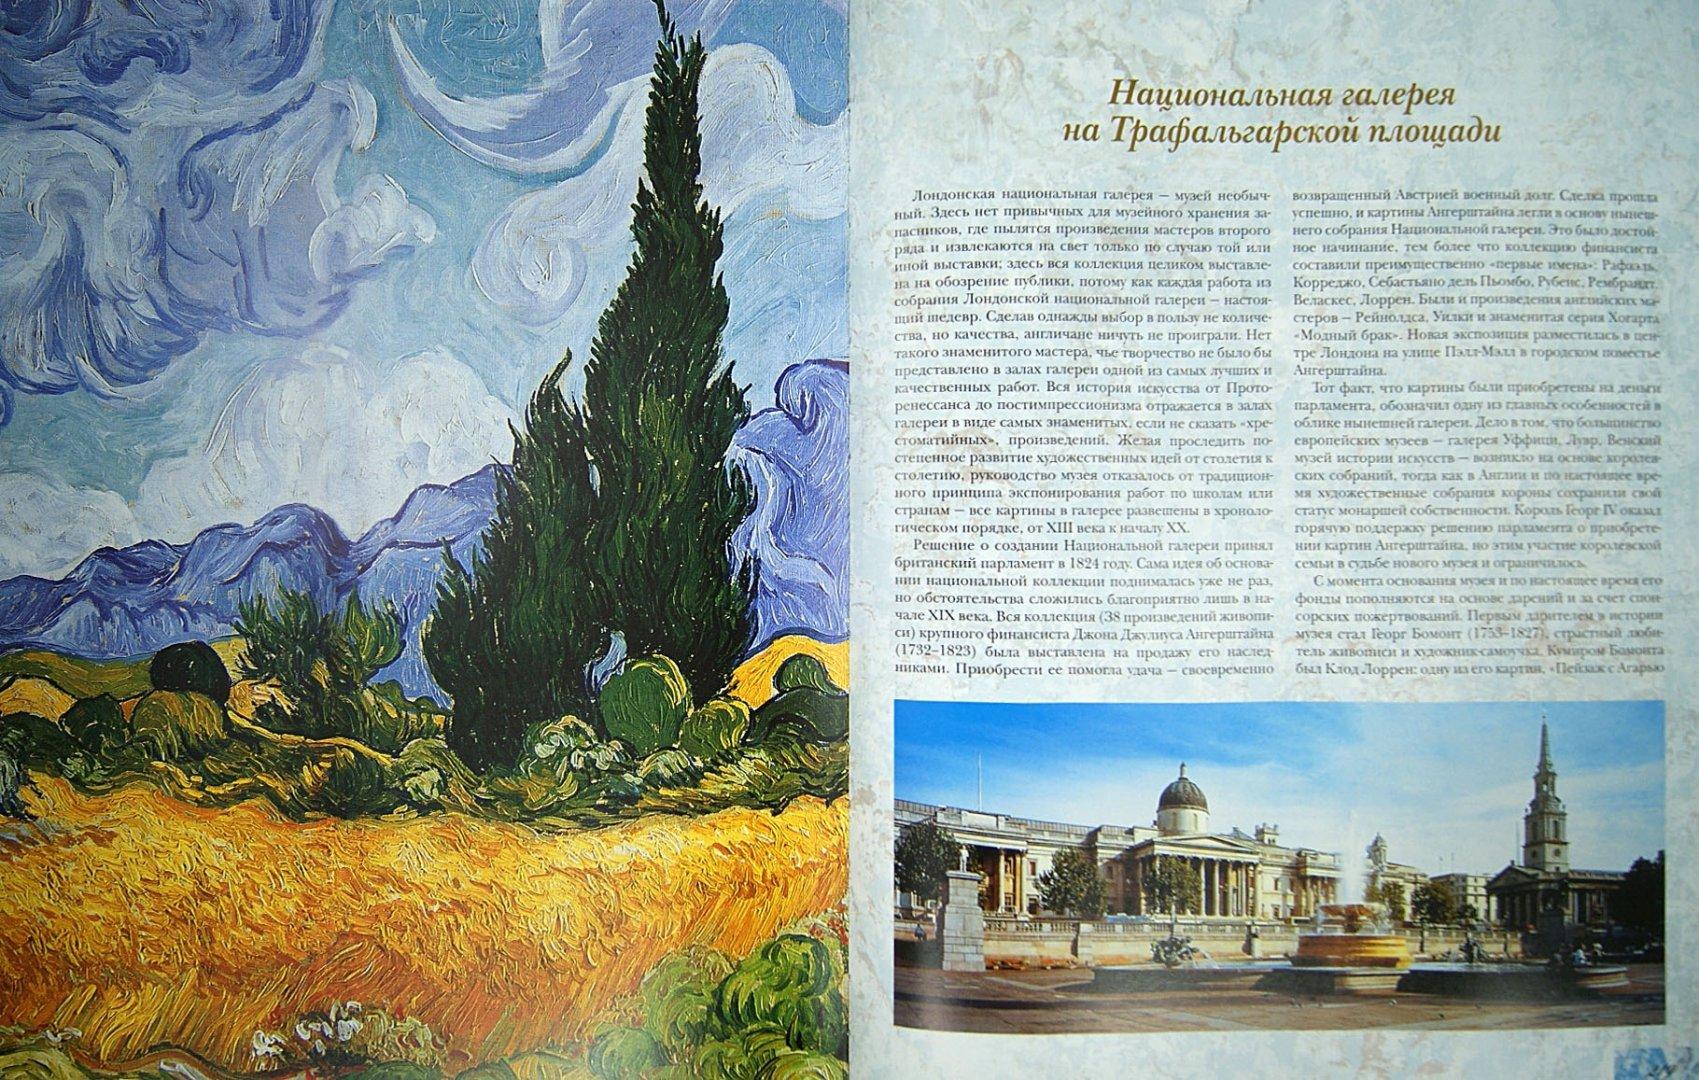 Иллюстрация 1 из 16 для Музеи мира. Коллекция живописи - Замкова, Геташвили, Осипова, Василенко, Дмитриевская | Лабиринт - книги. Источник: Лабиринт